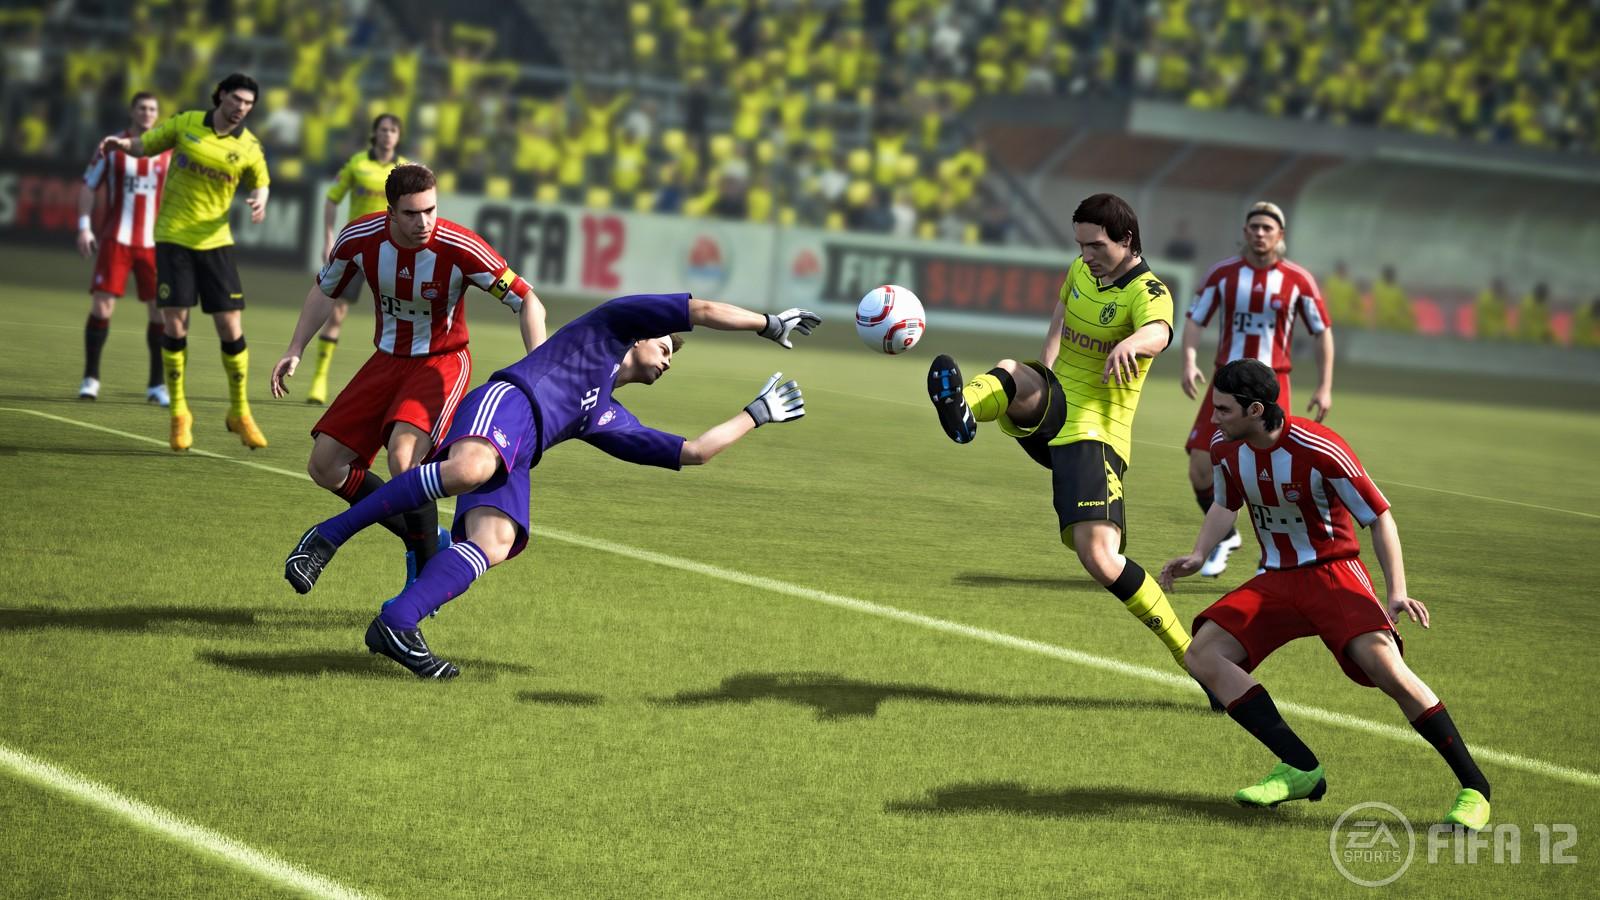 Der neue Cover-Star von FIFA 12: Mats Hummels - das passt zur Überarbeitung des defensiven Sielablaufs.